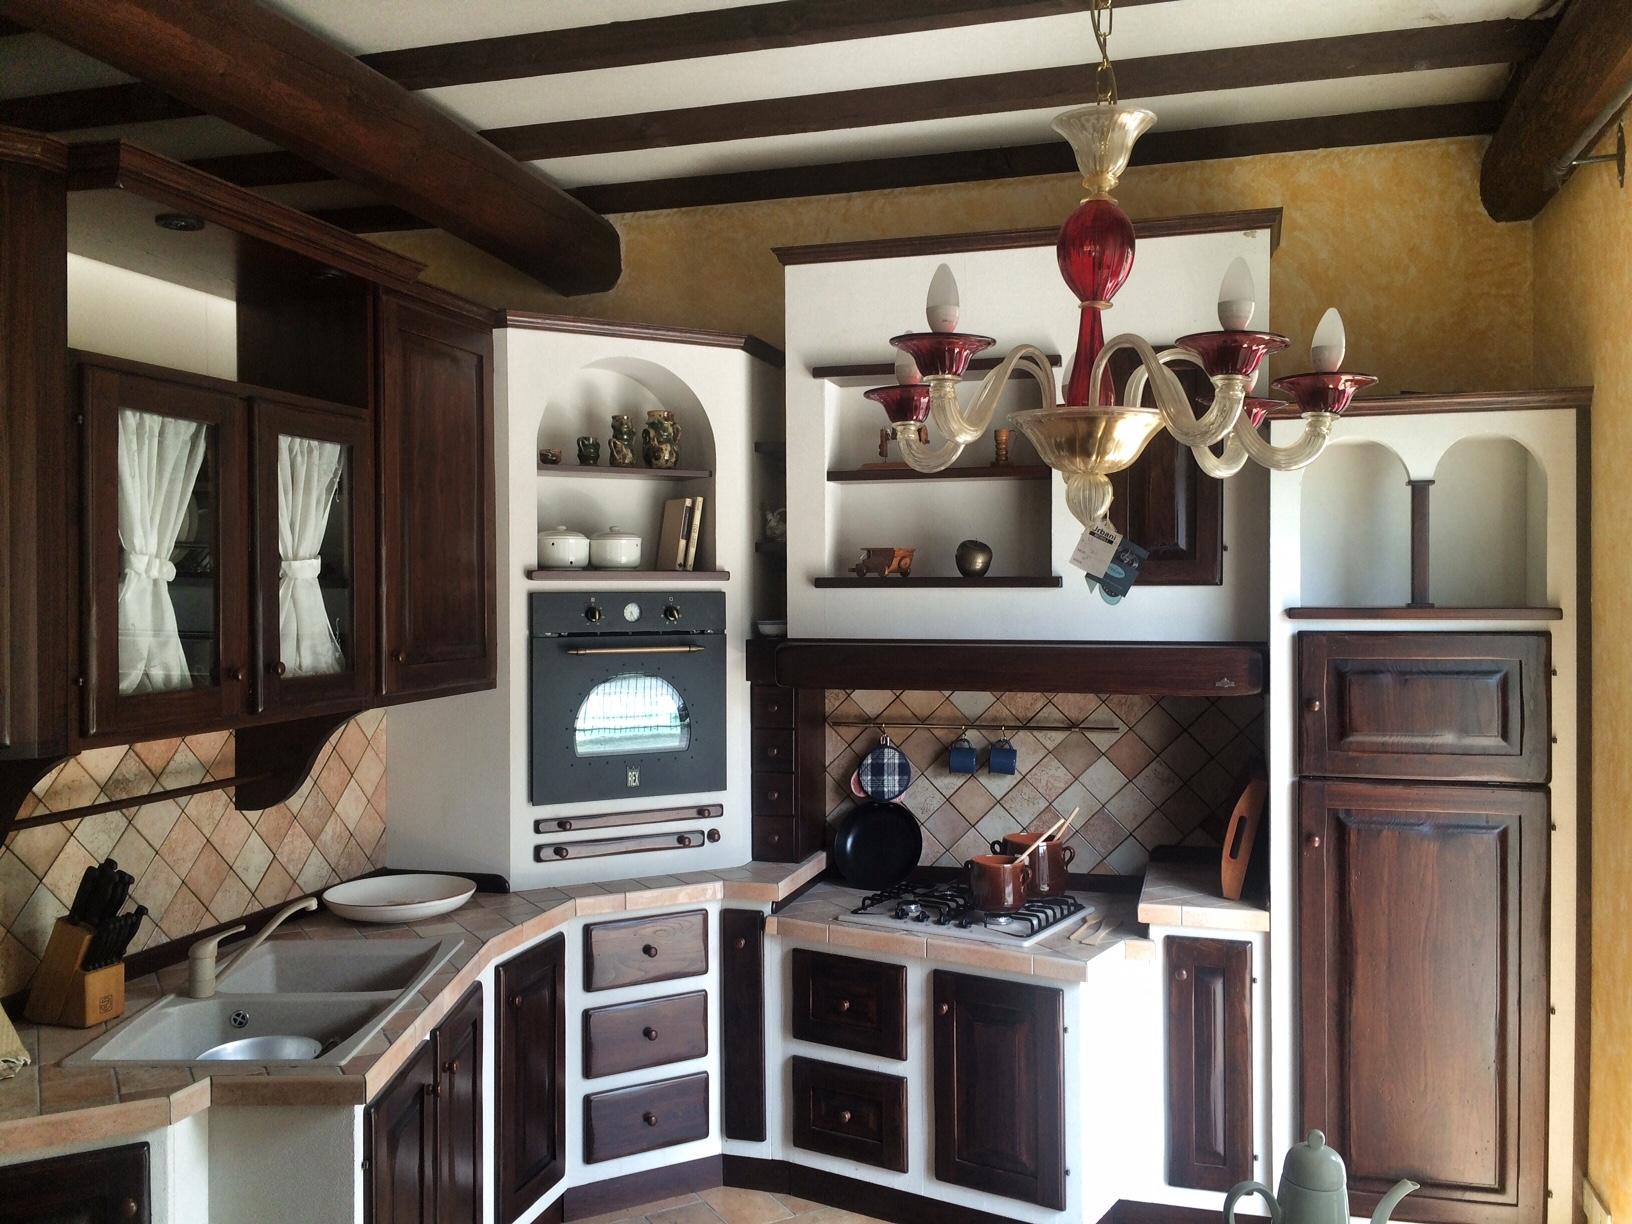 Cucine ad angolo zappalorto a prezzi scontati cucine a - Zappalorto cucine prezzi ...